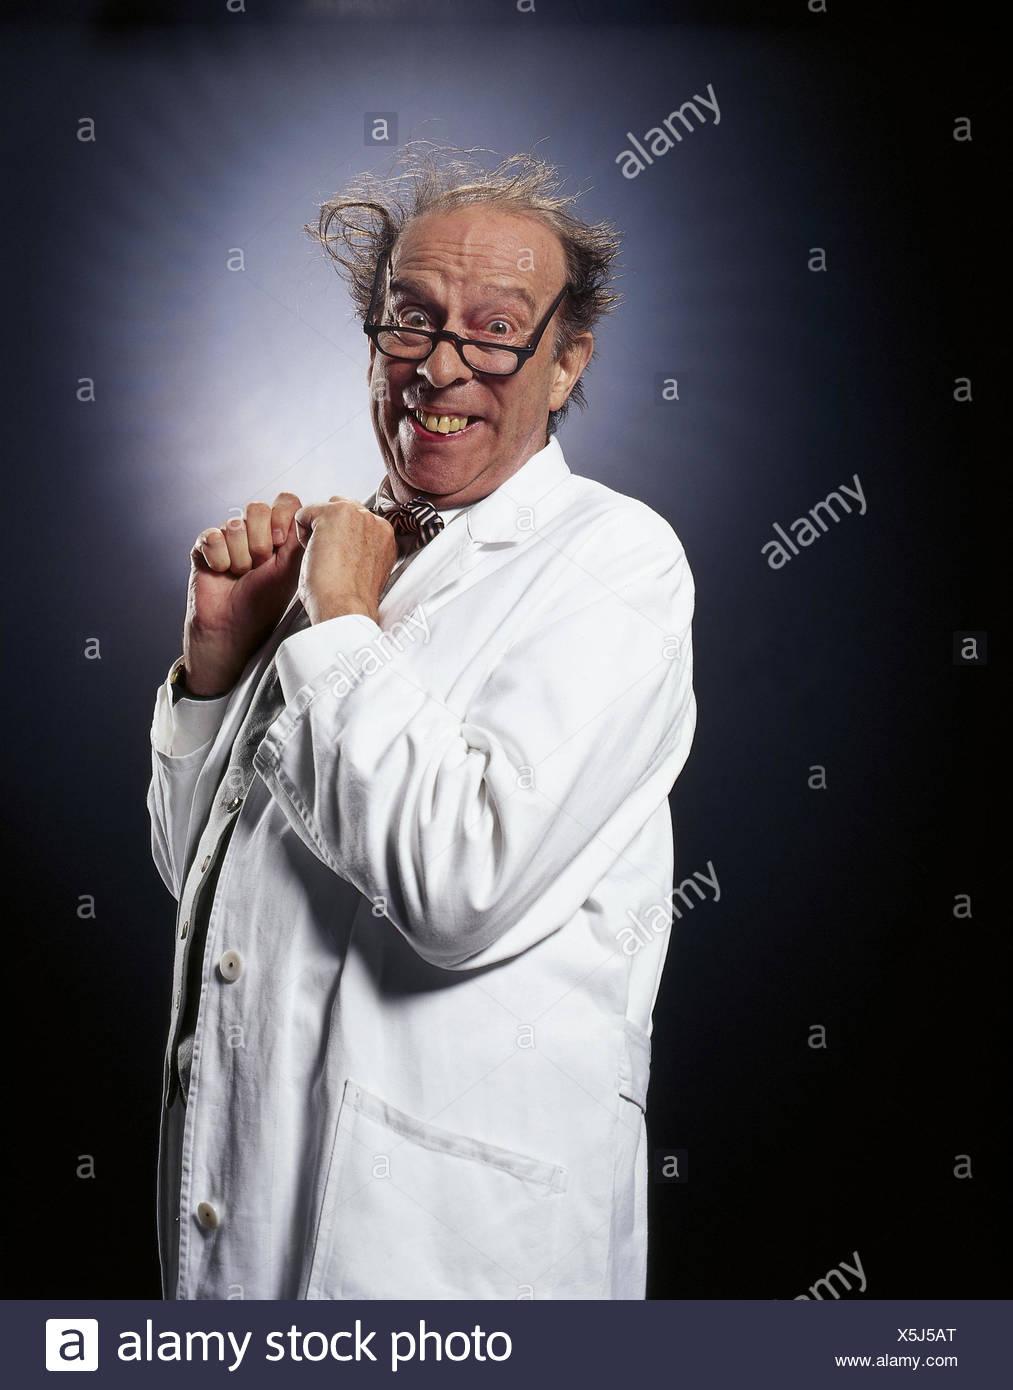 3519d42189 Boss, smock, blanco, gafas, chaleco, gesto, alegría, jefe, hombre, viejo,  studio, inside, médico, farmacia, médico, profesor, cogs, protrudingly,  opinión, ...